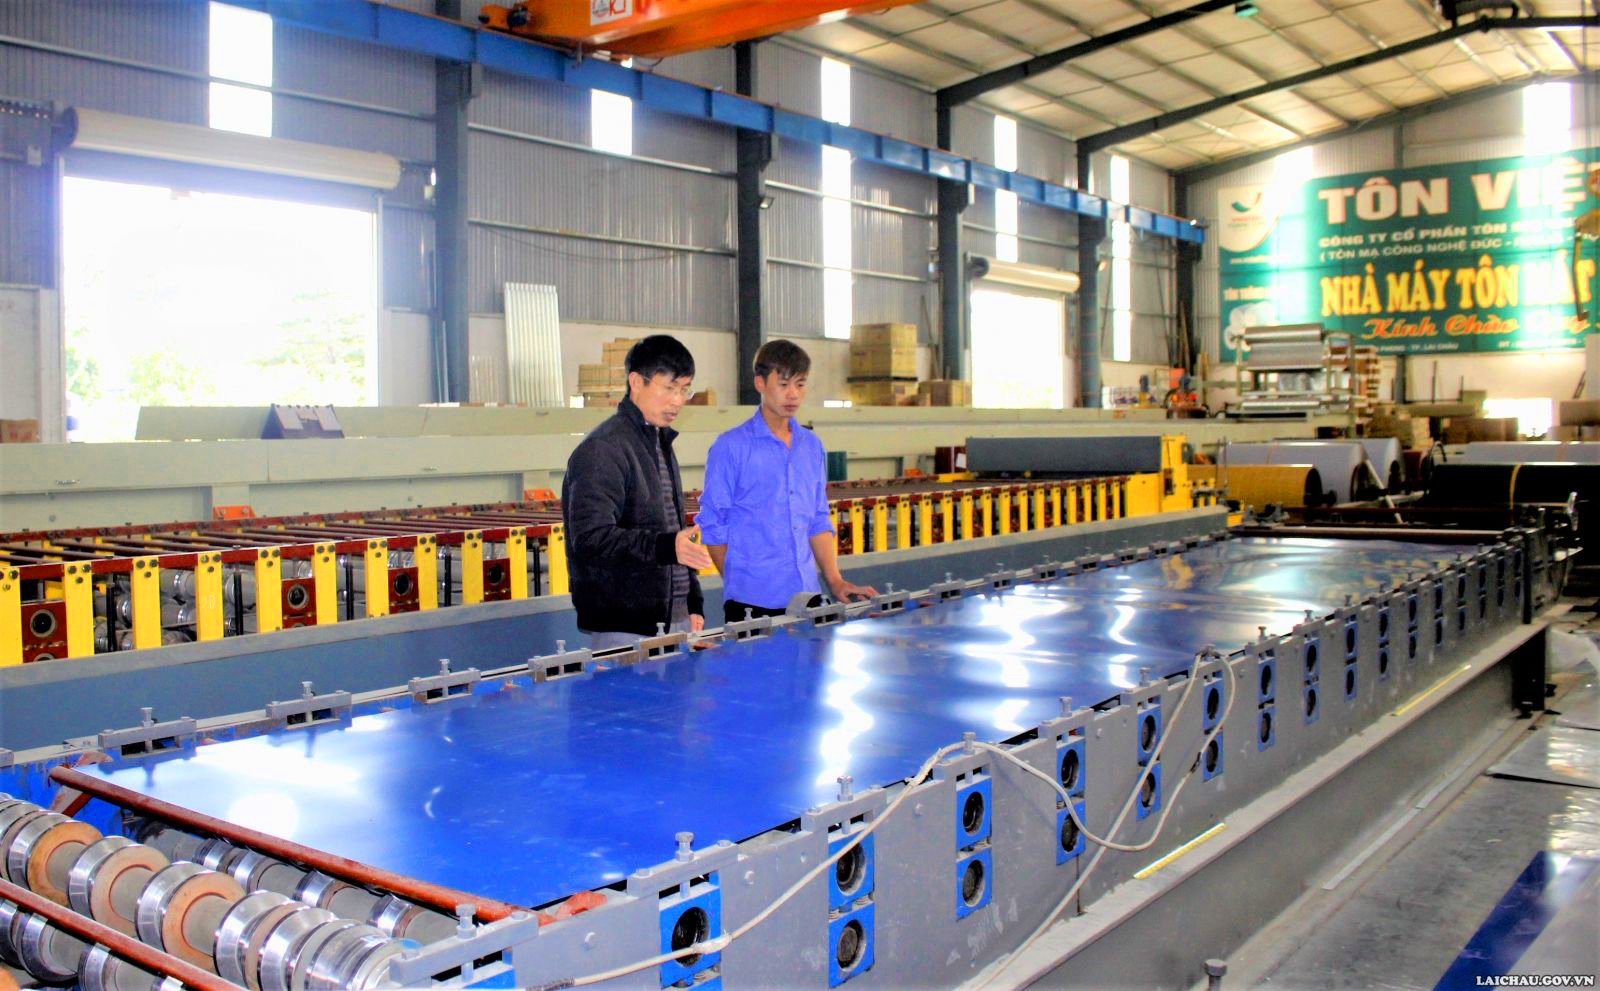 Kế hoạch triển khai thực hiện hỗ trợ pháp lý cho doanh nghiệp nhỏ và vừa trên địa bàn tỉnh Lai Châu năm 2021